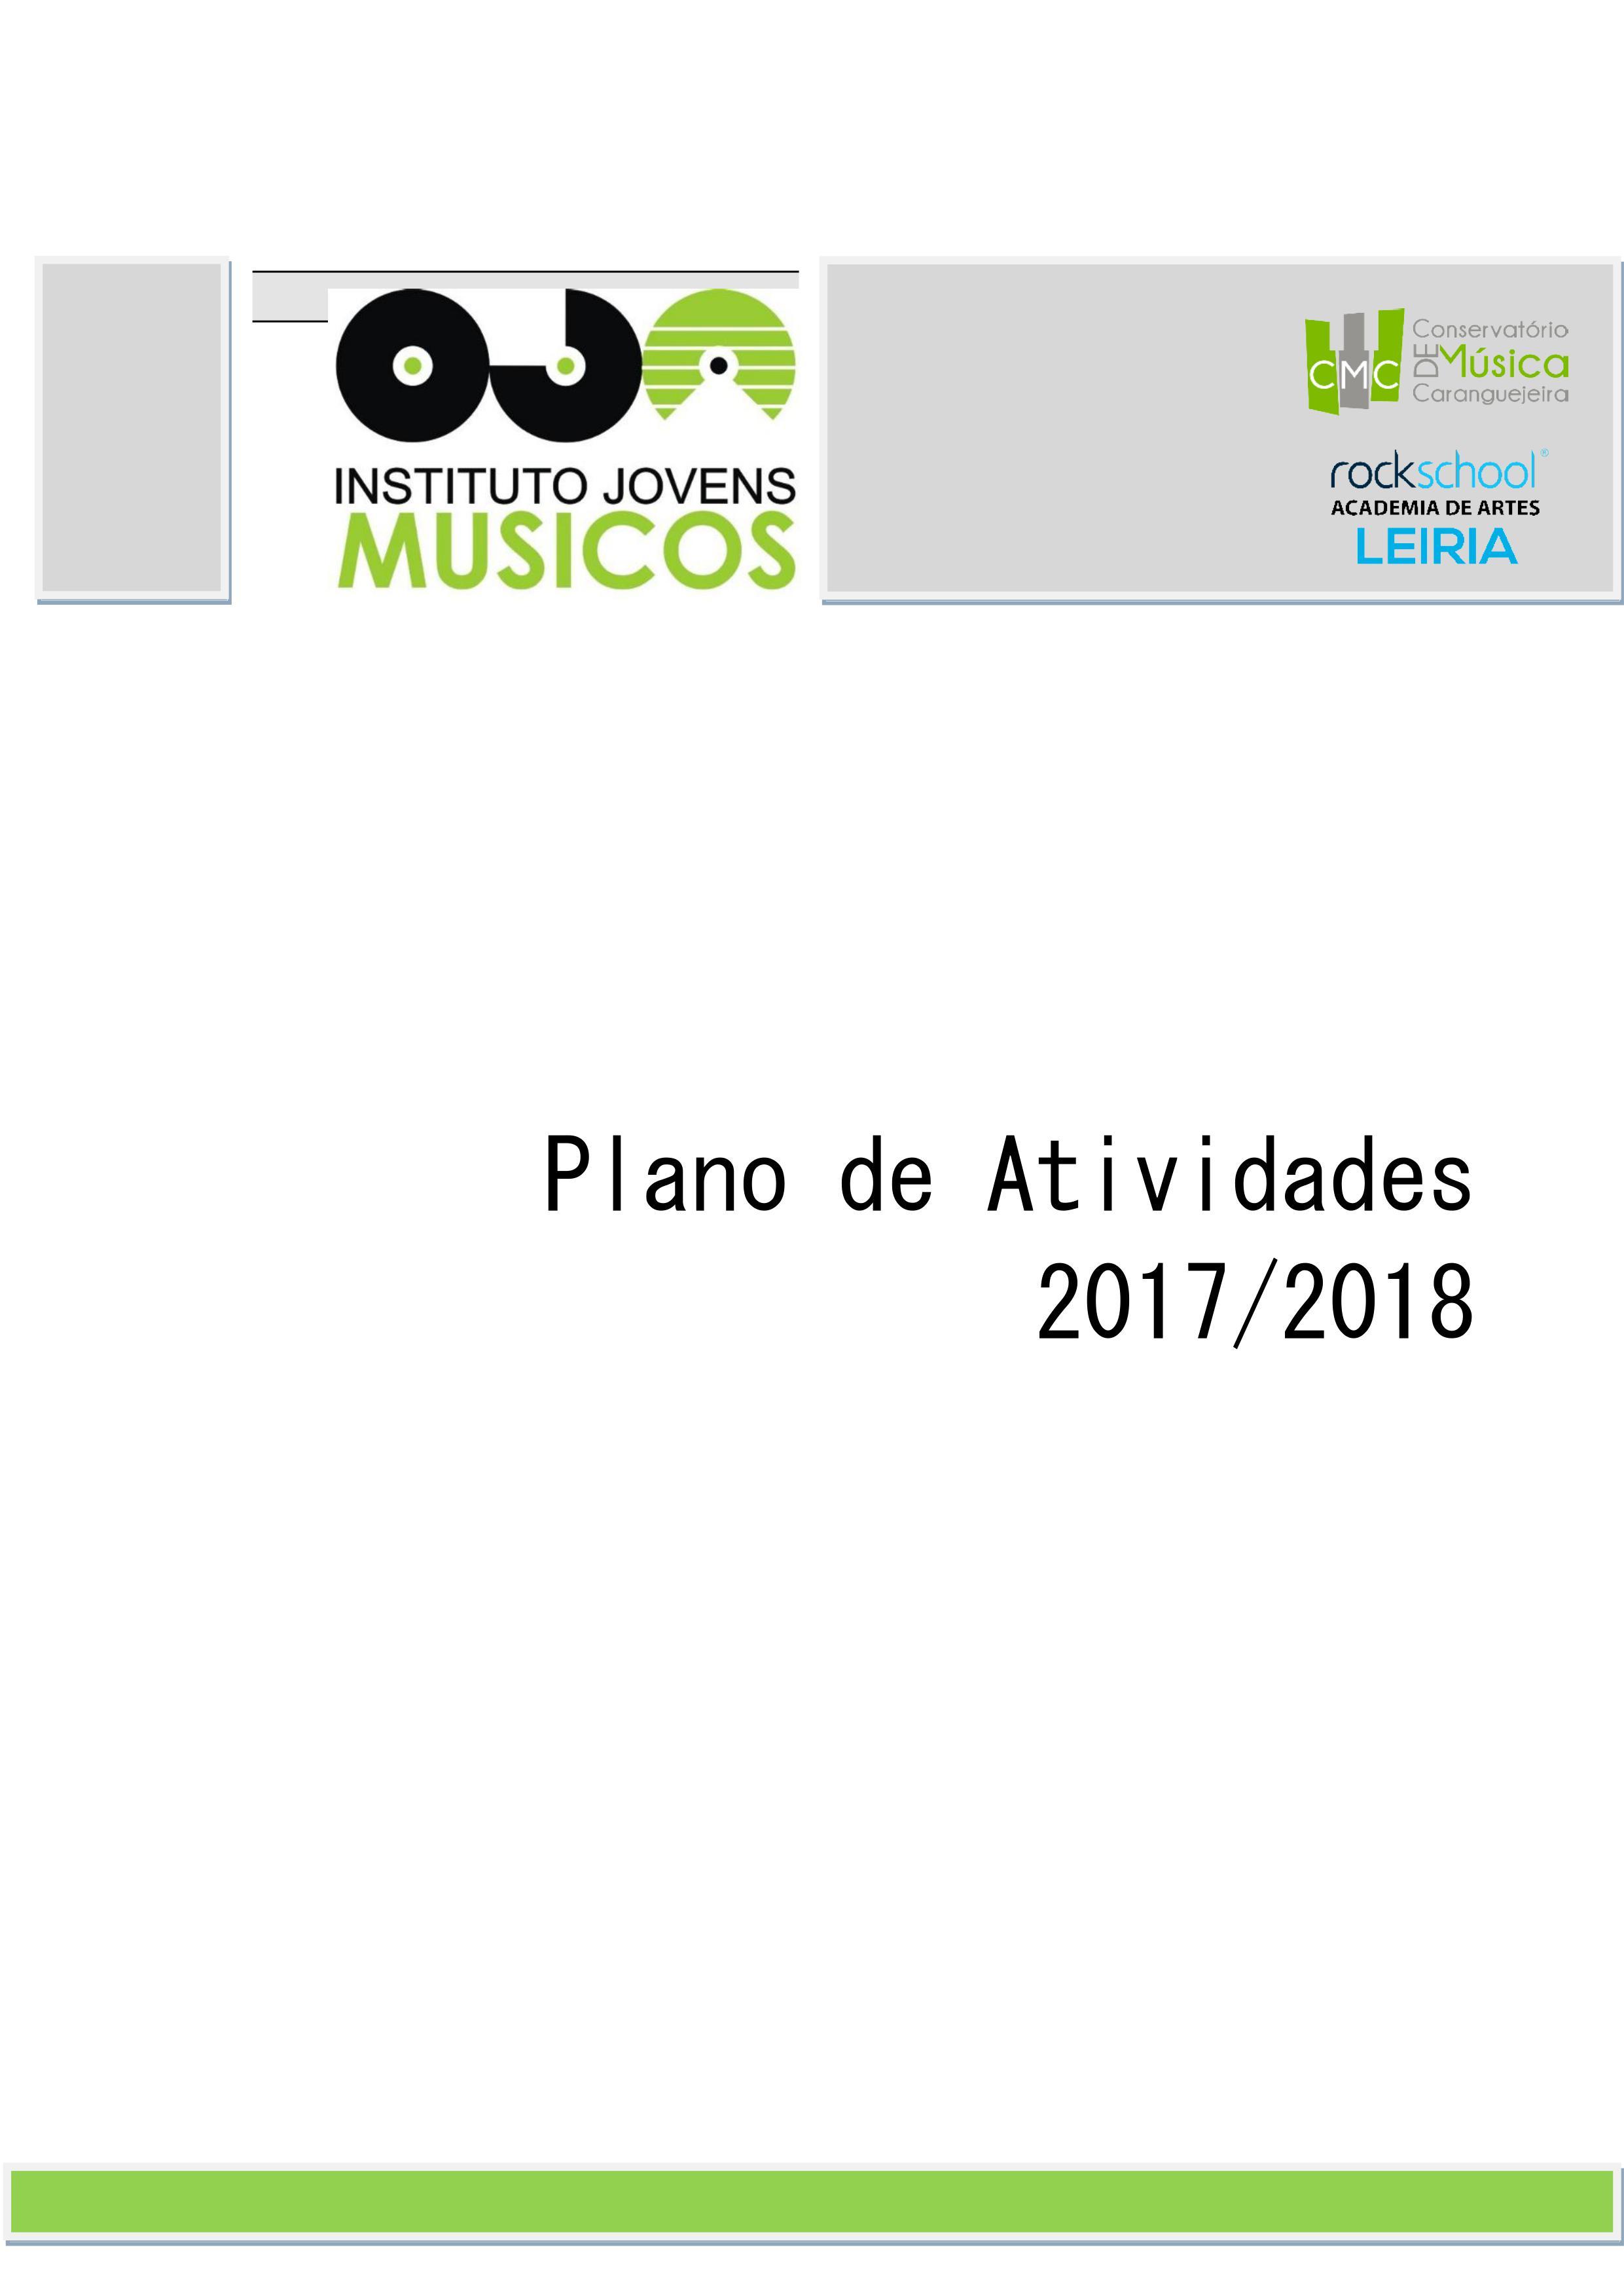 c61596b5fe PLANO DE ATIVIDADES 2017 2018